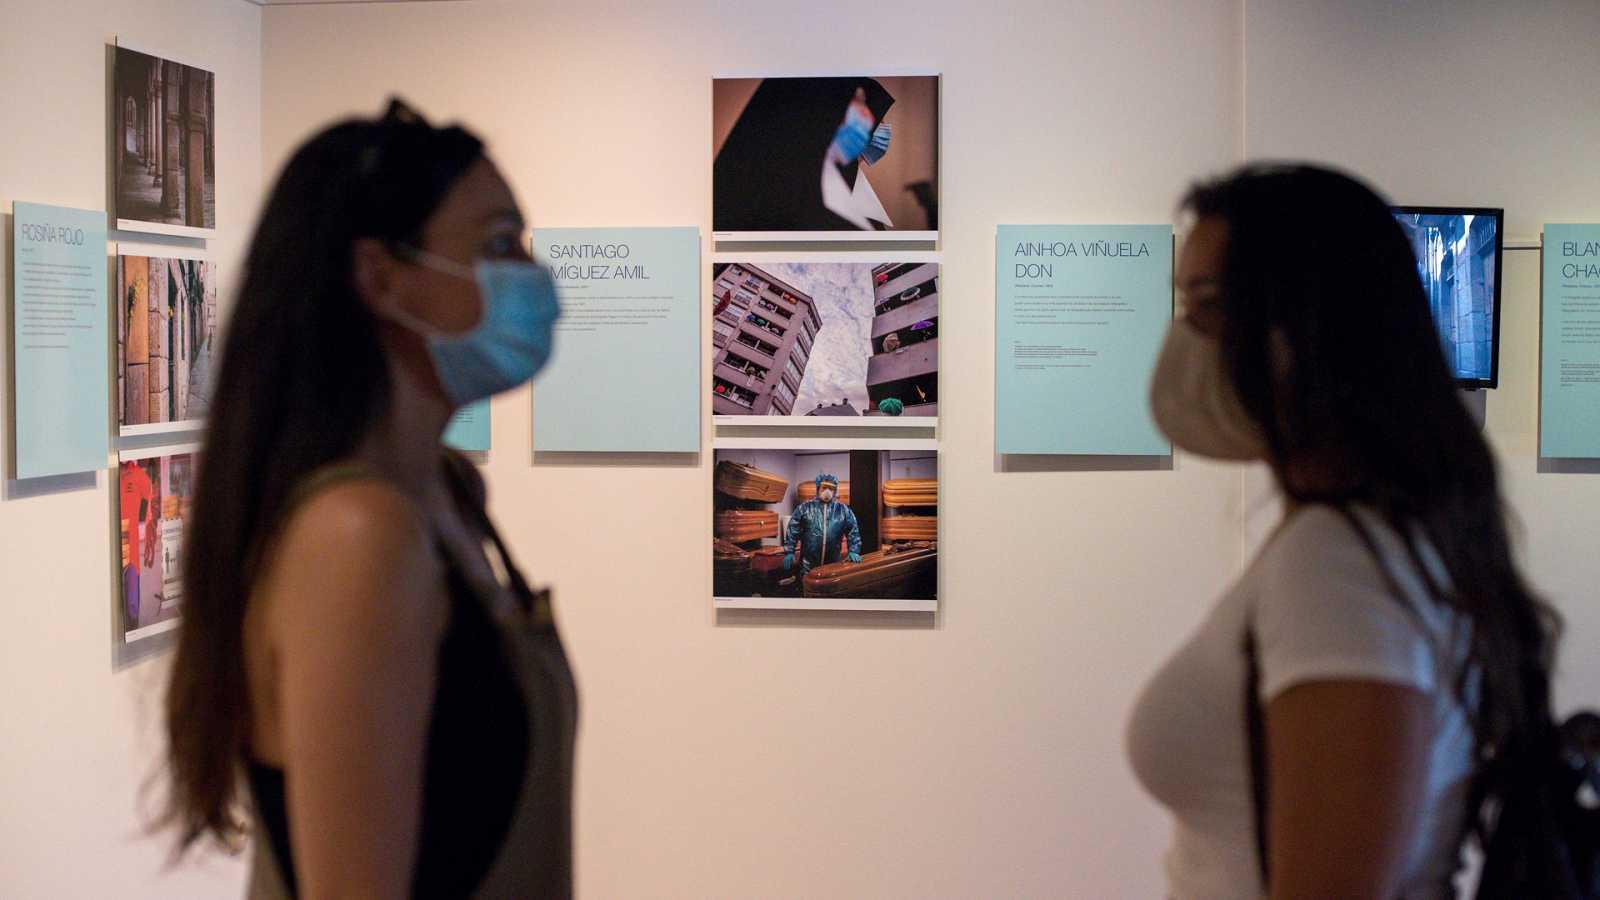 Espacio iberoamericano - Reactivación cultural tras la pandemia - 06/08/20 - escuchar ahora